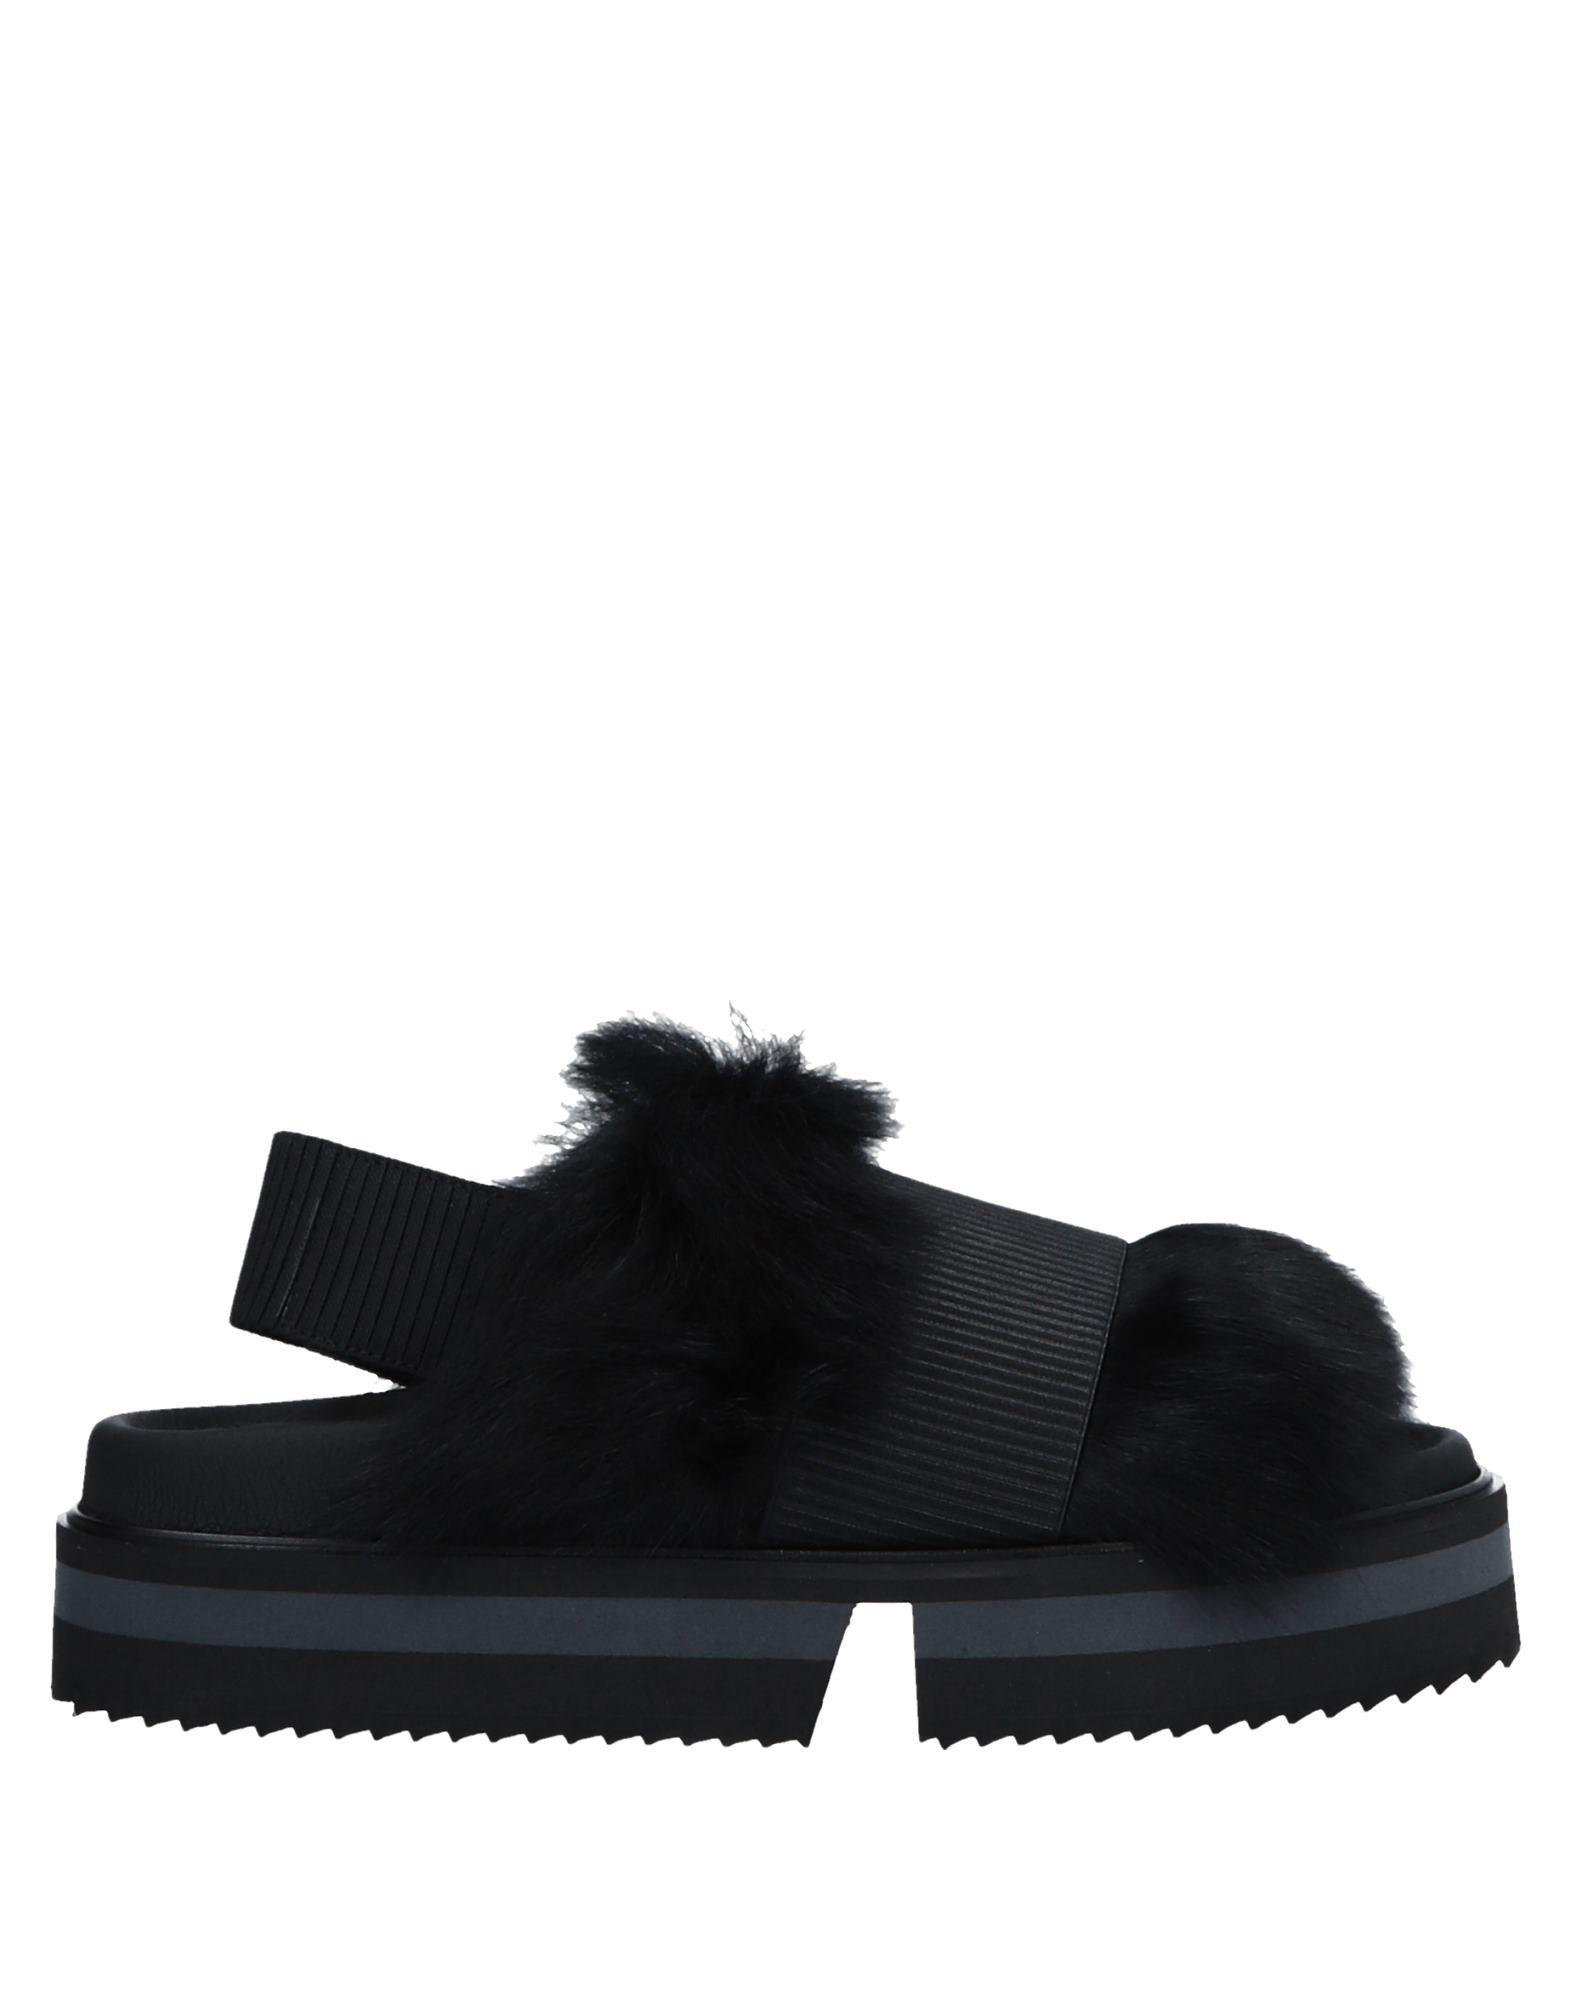 Shy By Women Arvid Yuki Sandals - Women By Shy By Arvid Yuki Sandals online on  United Kingdom - 11498991GL 5b2886